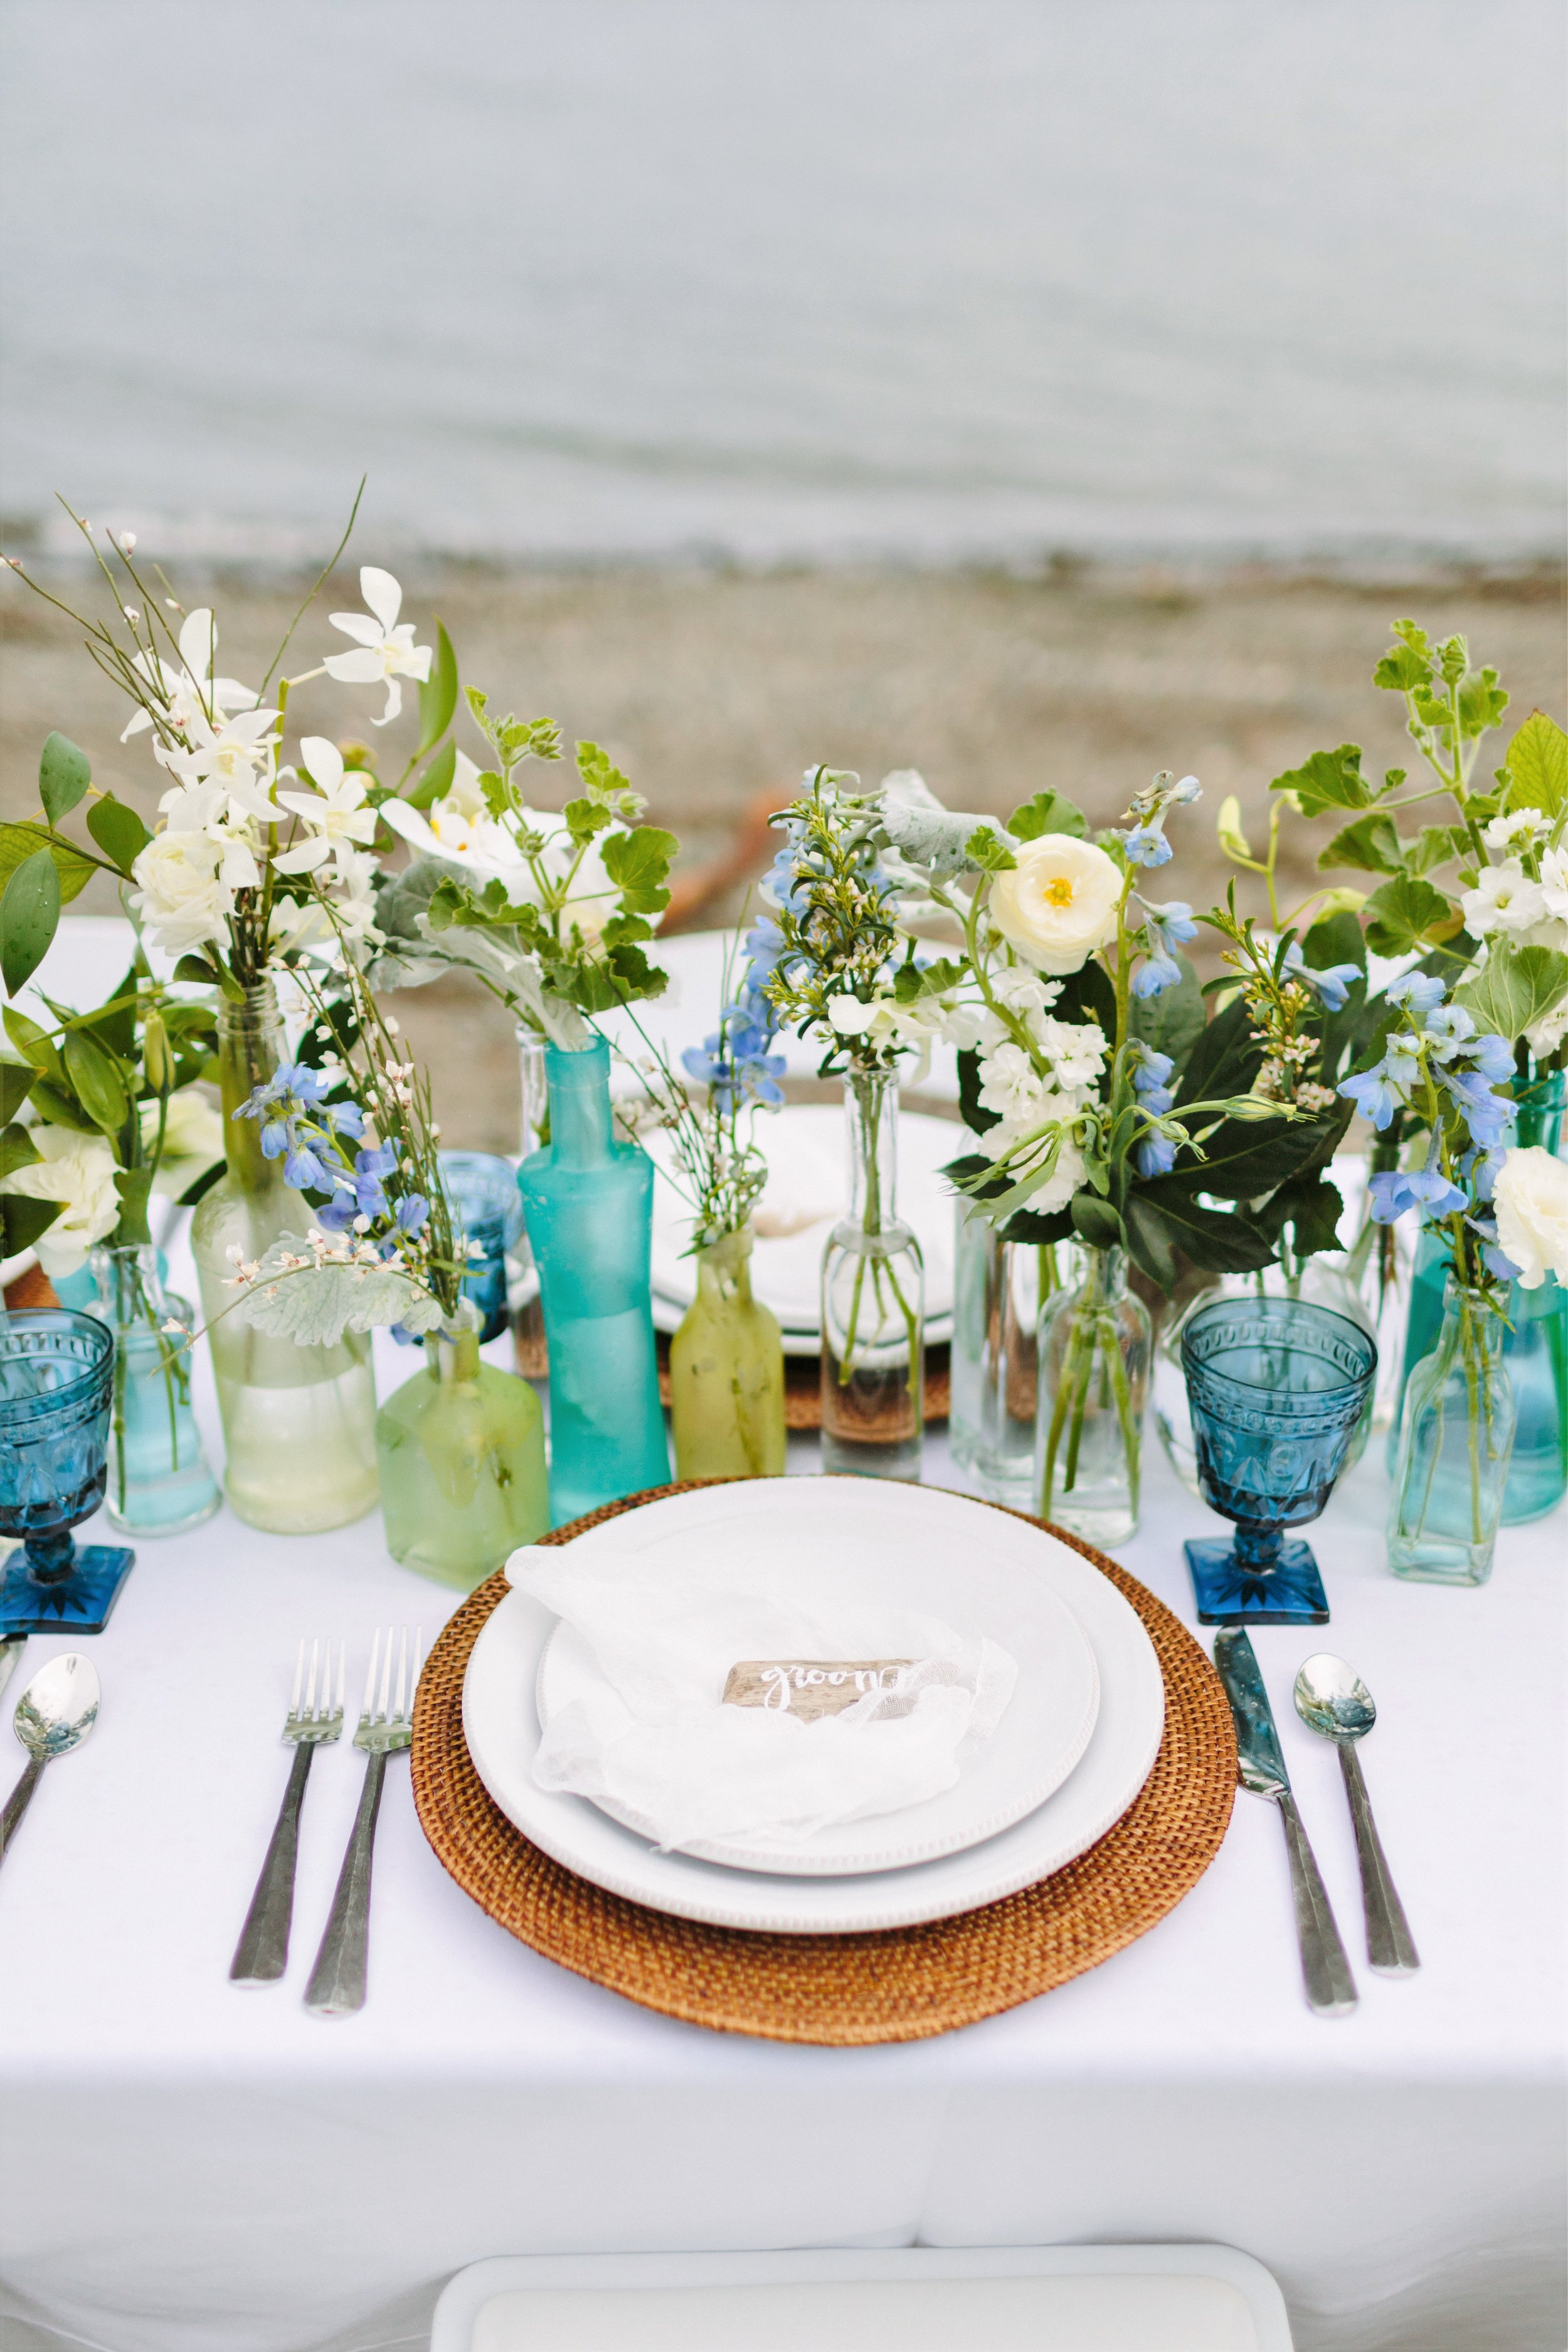 beach-wedding-table-decor.jpg